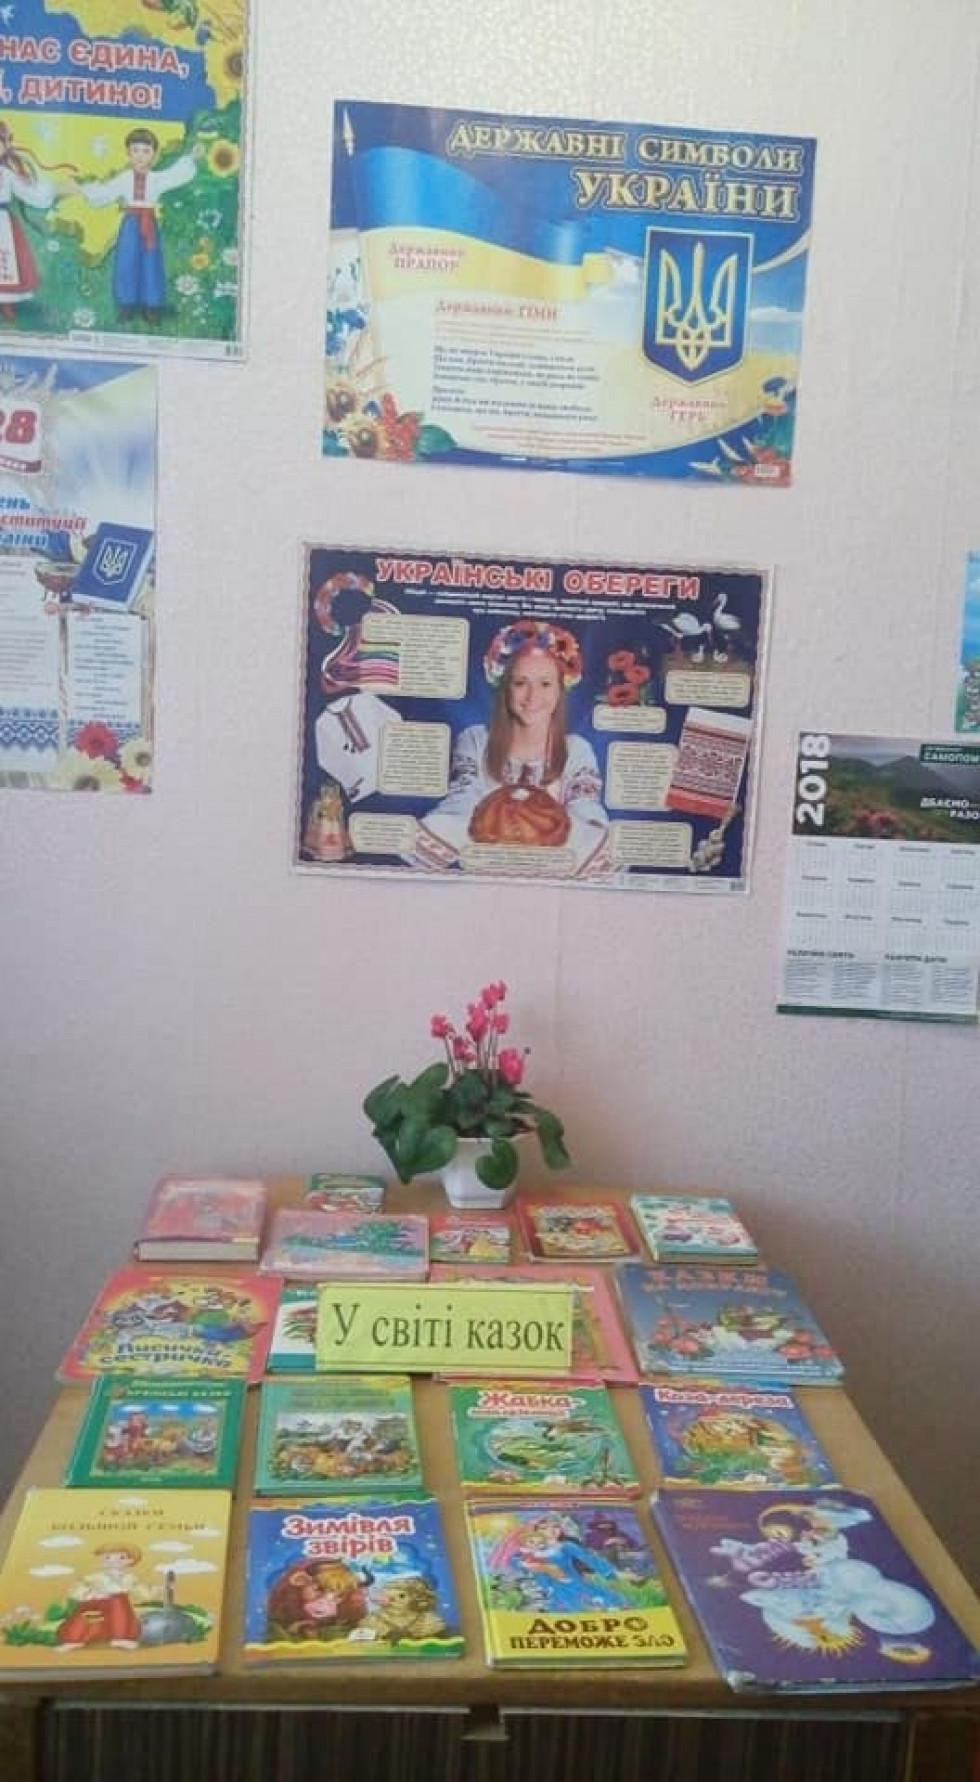 Діти пообіцяли бути активними користувачами шкільної бібліотеки